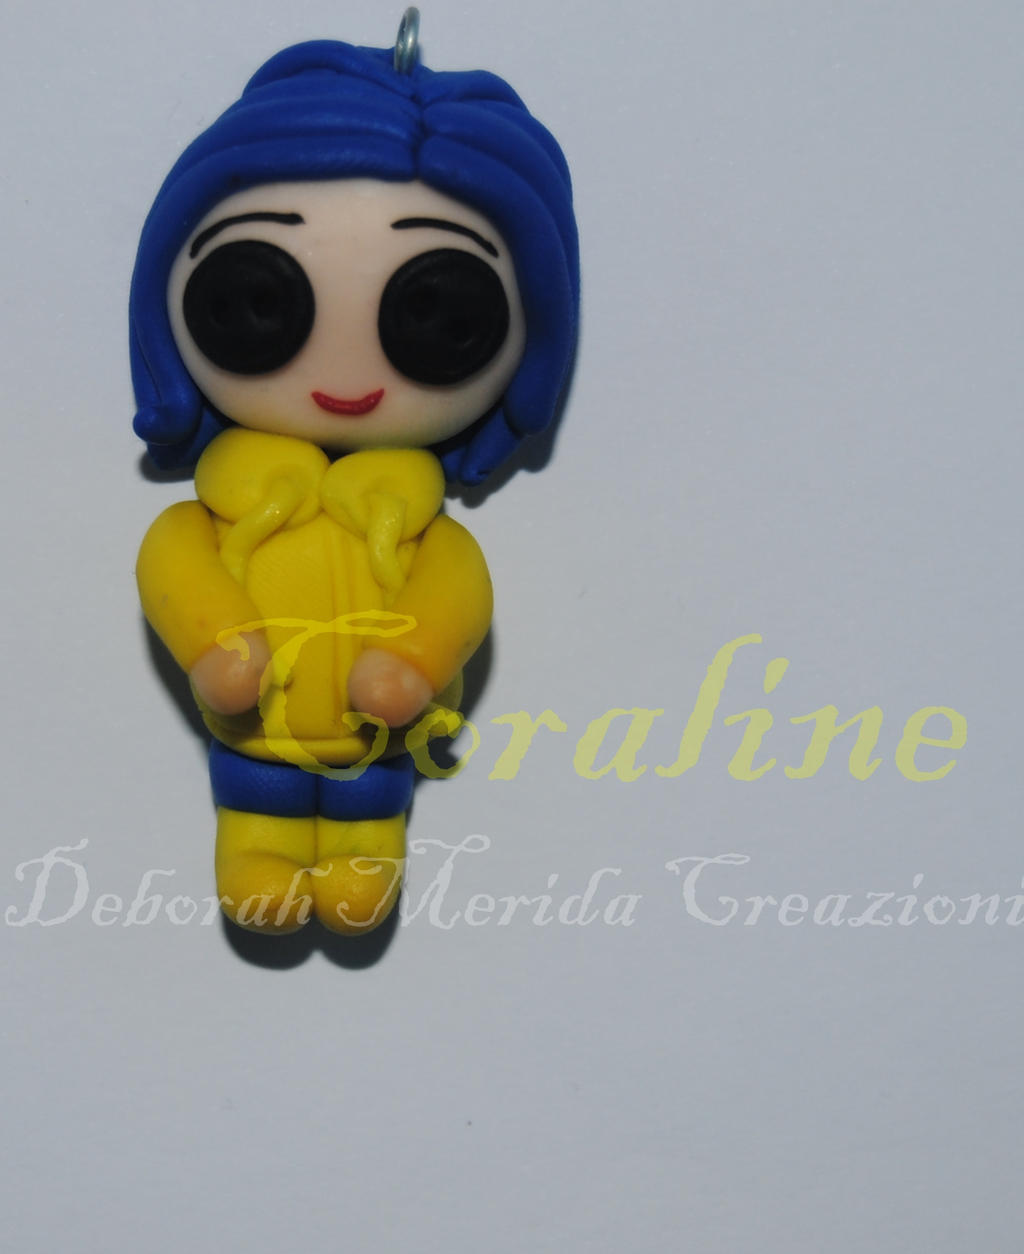 Coraline And The Magic Door The Voodoo Doll By Deborahmerida On Deviantart